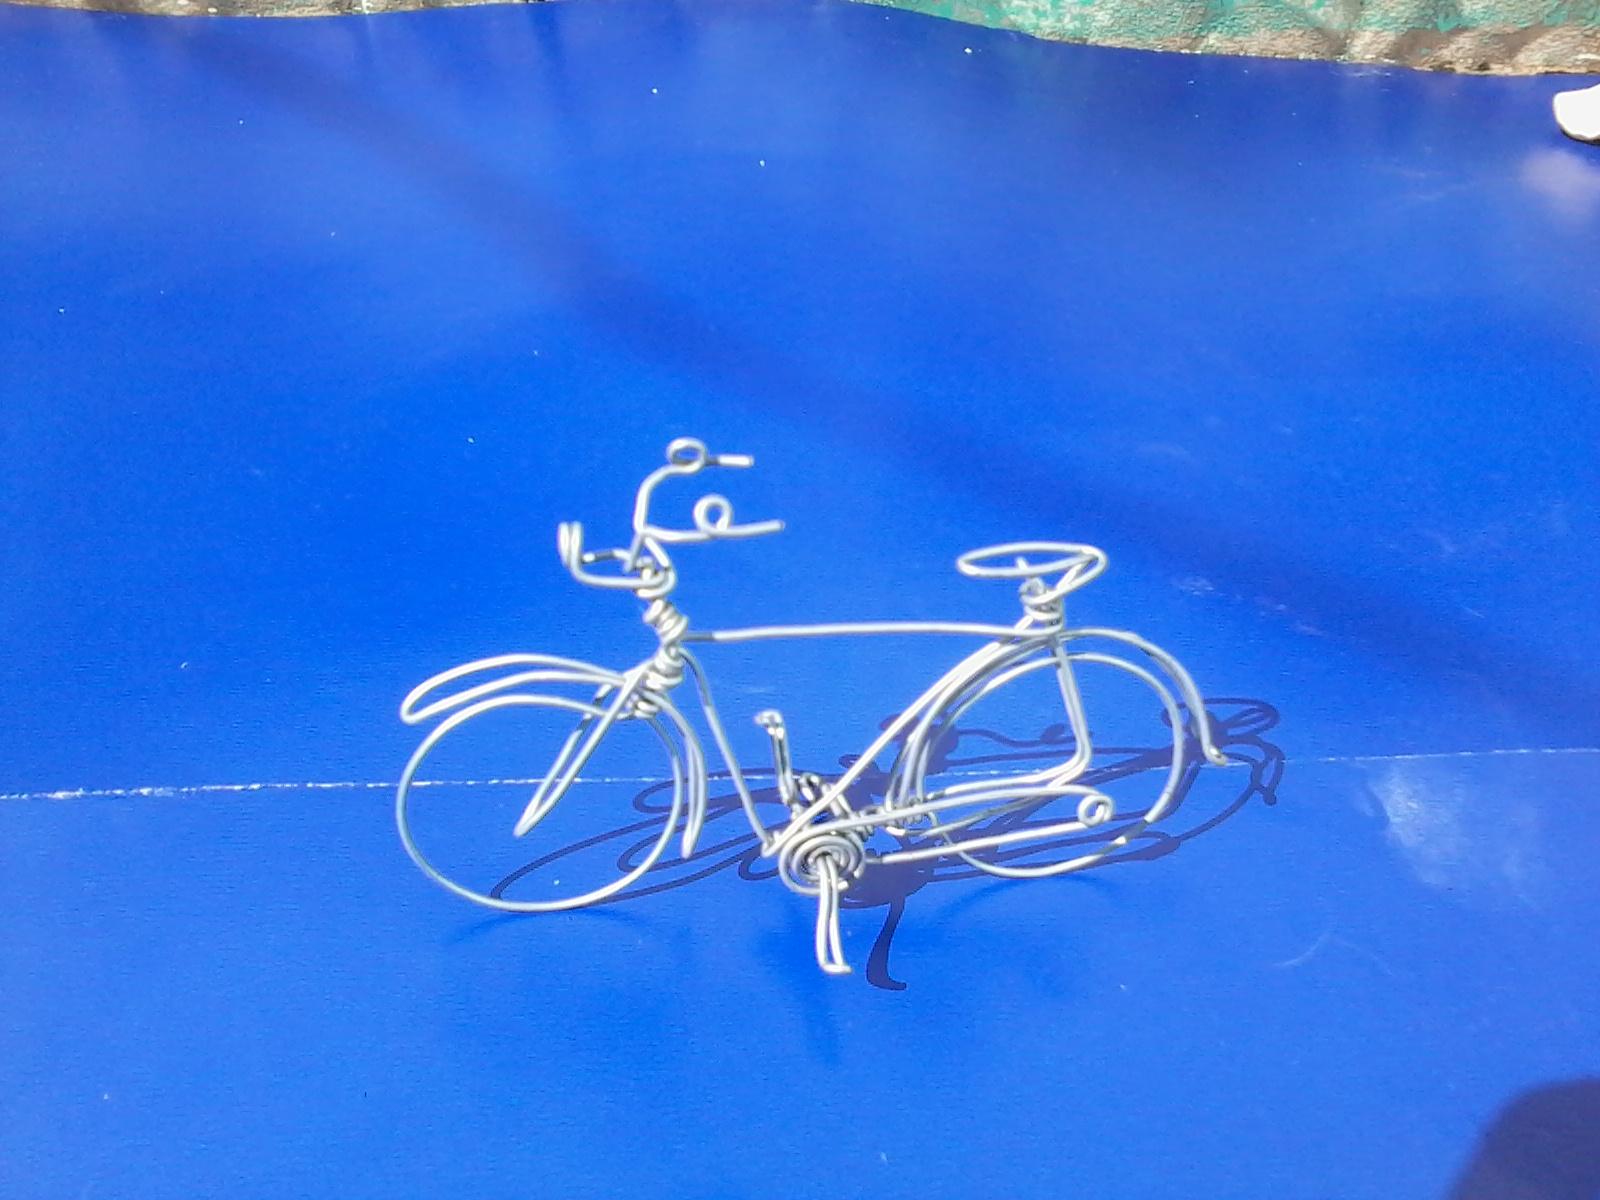 Aparador De Foco Jugui ~ Arteline Artesanatos Arte em Arame,filtro dos sonhos e diversos outros Bicicleta de arame